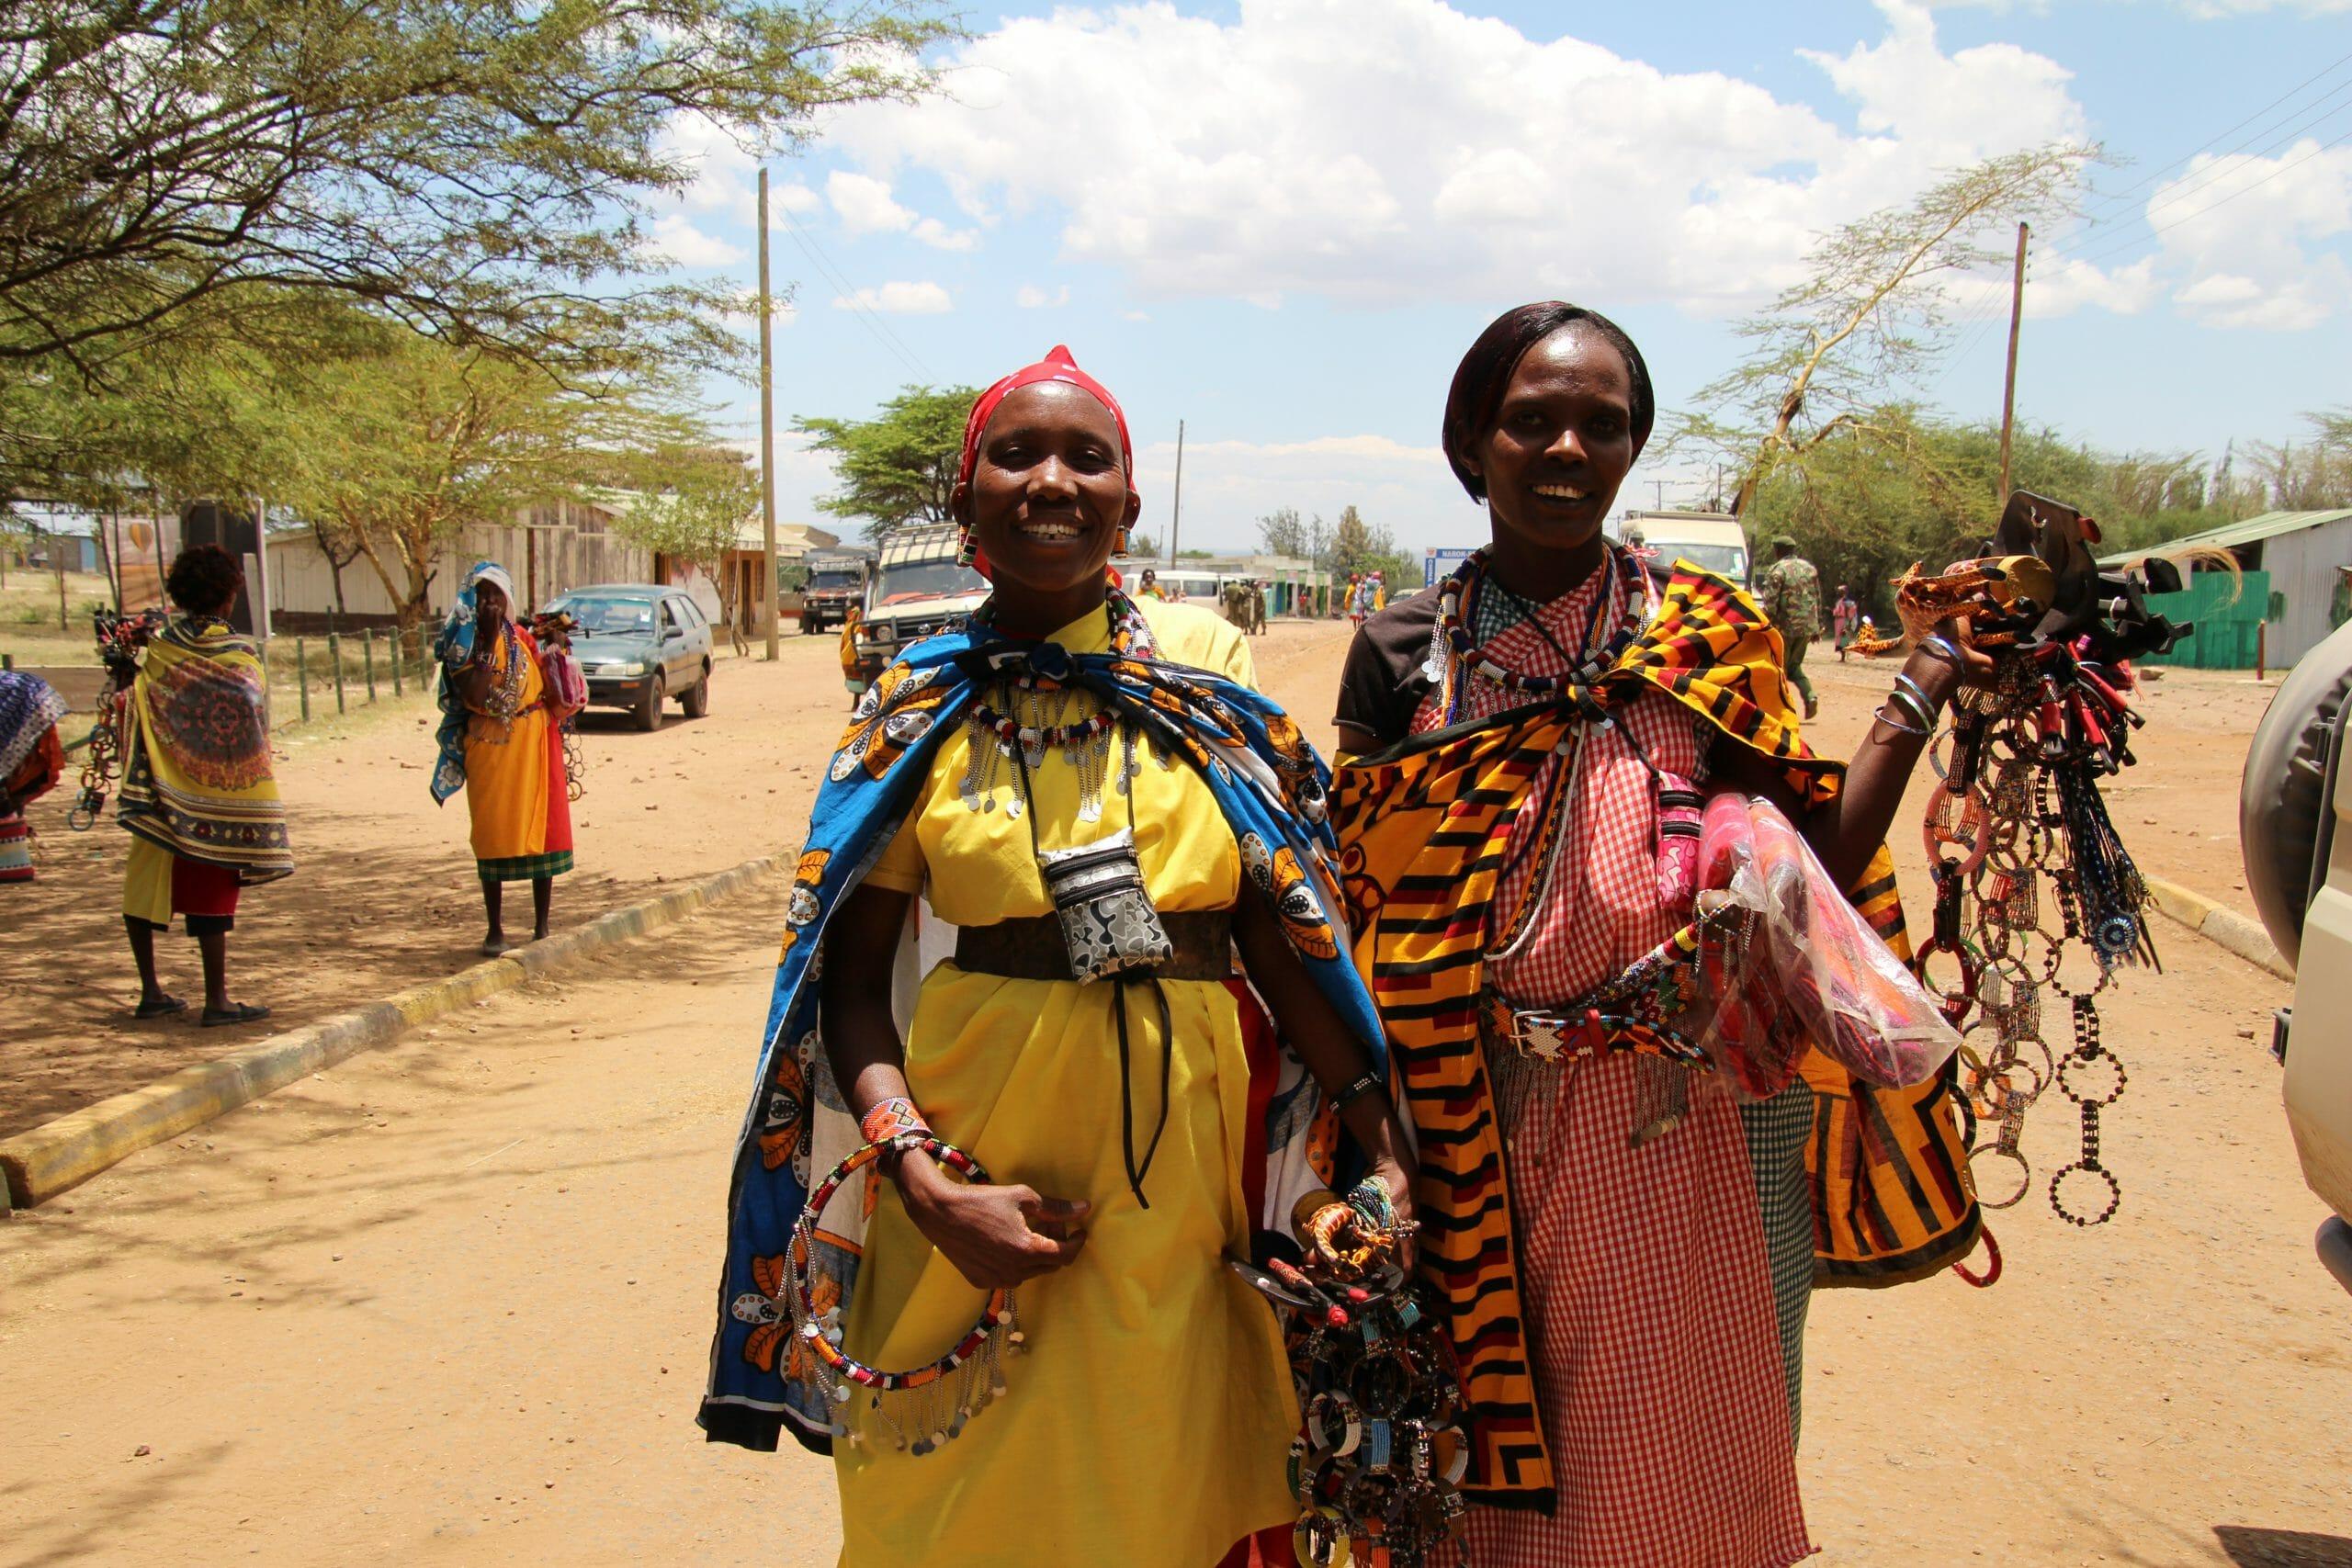 safari-in-kenia-masai-mara-people